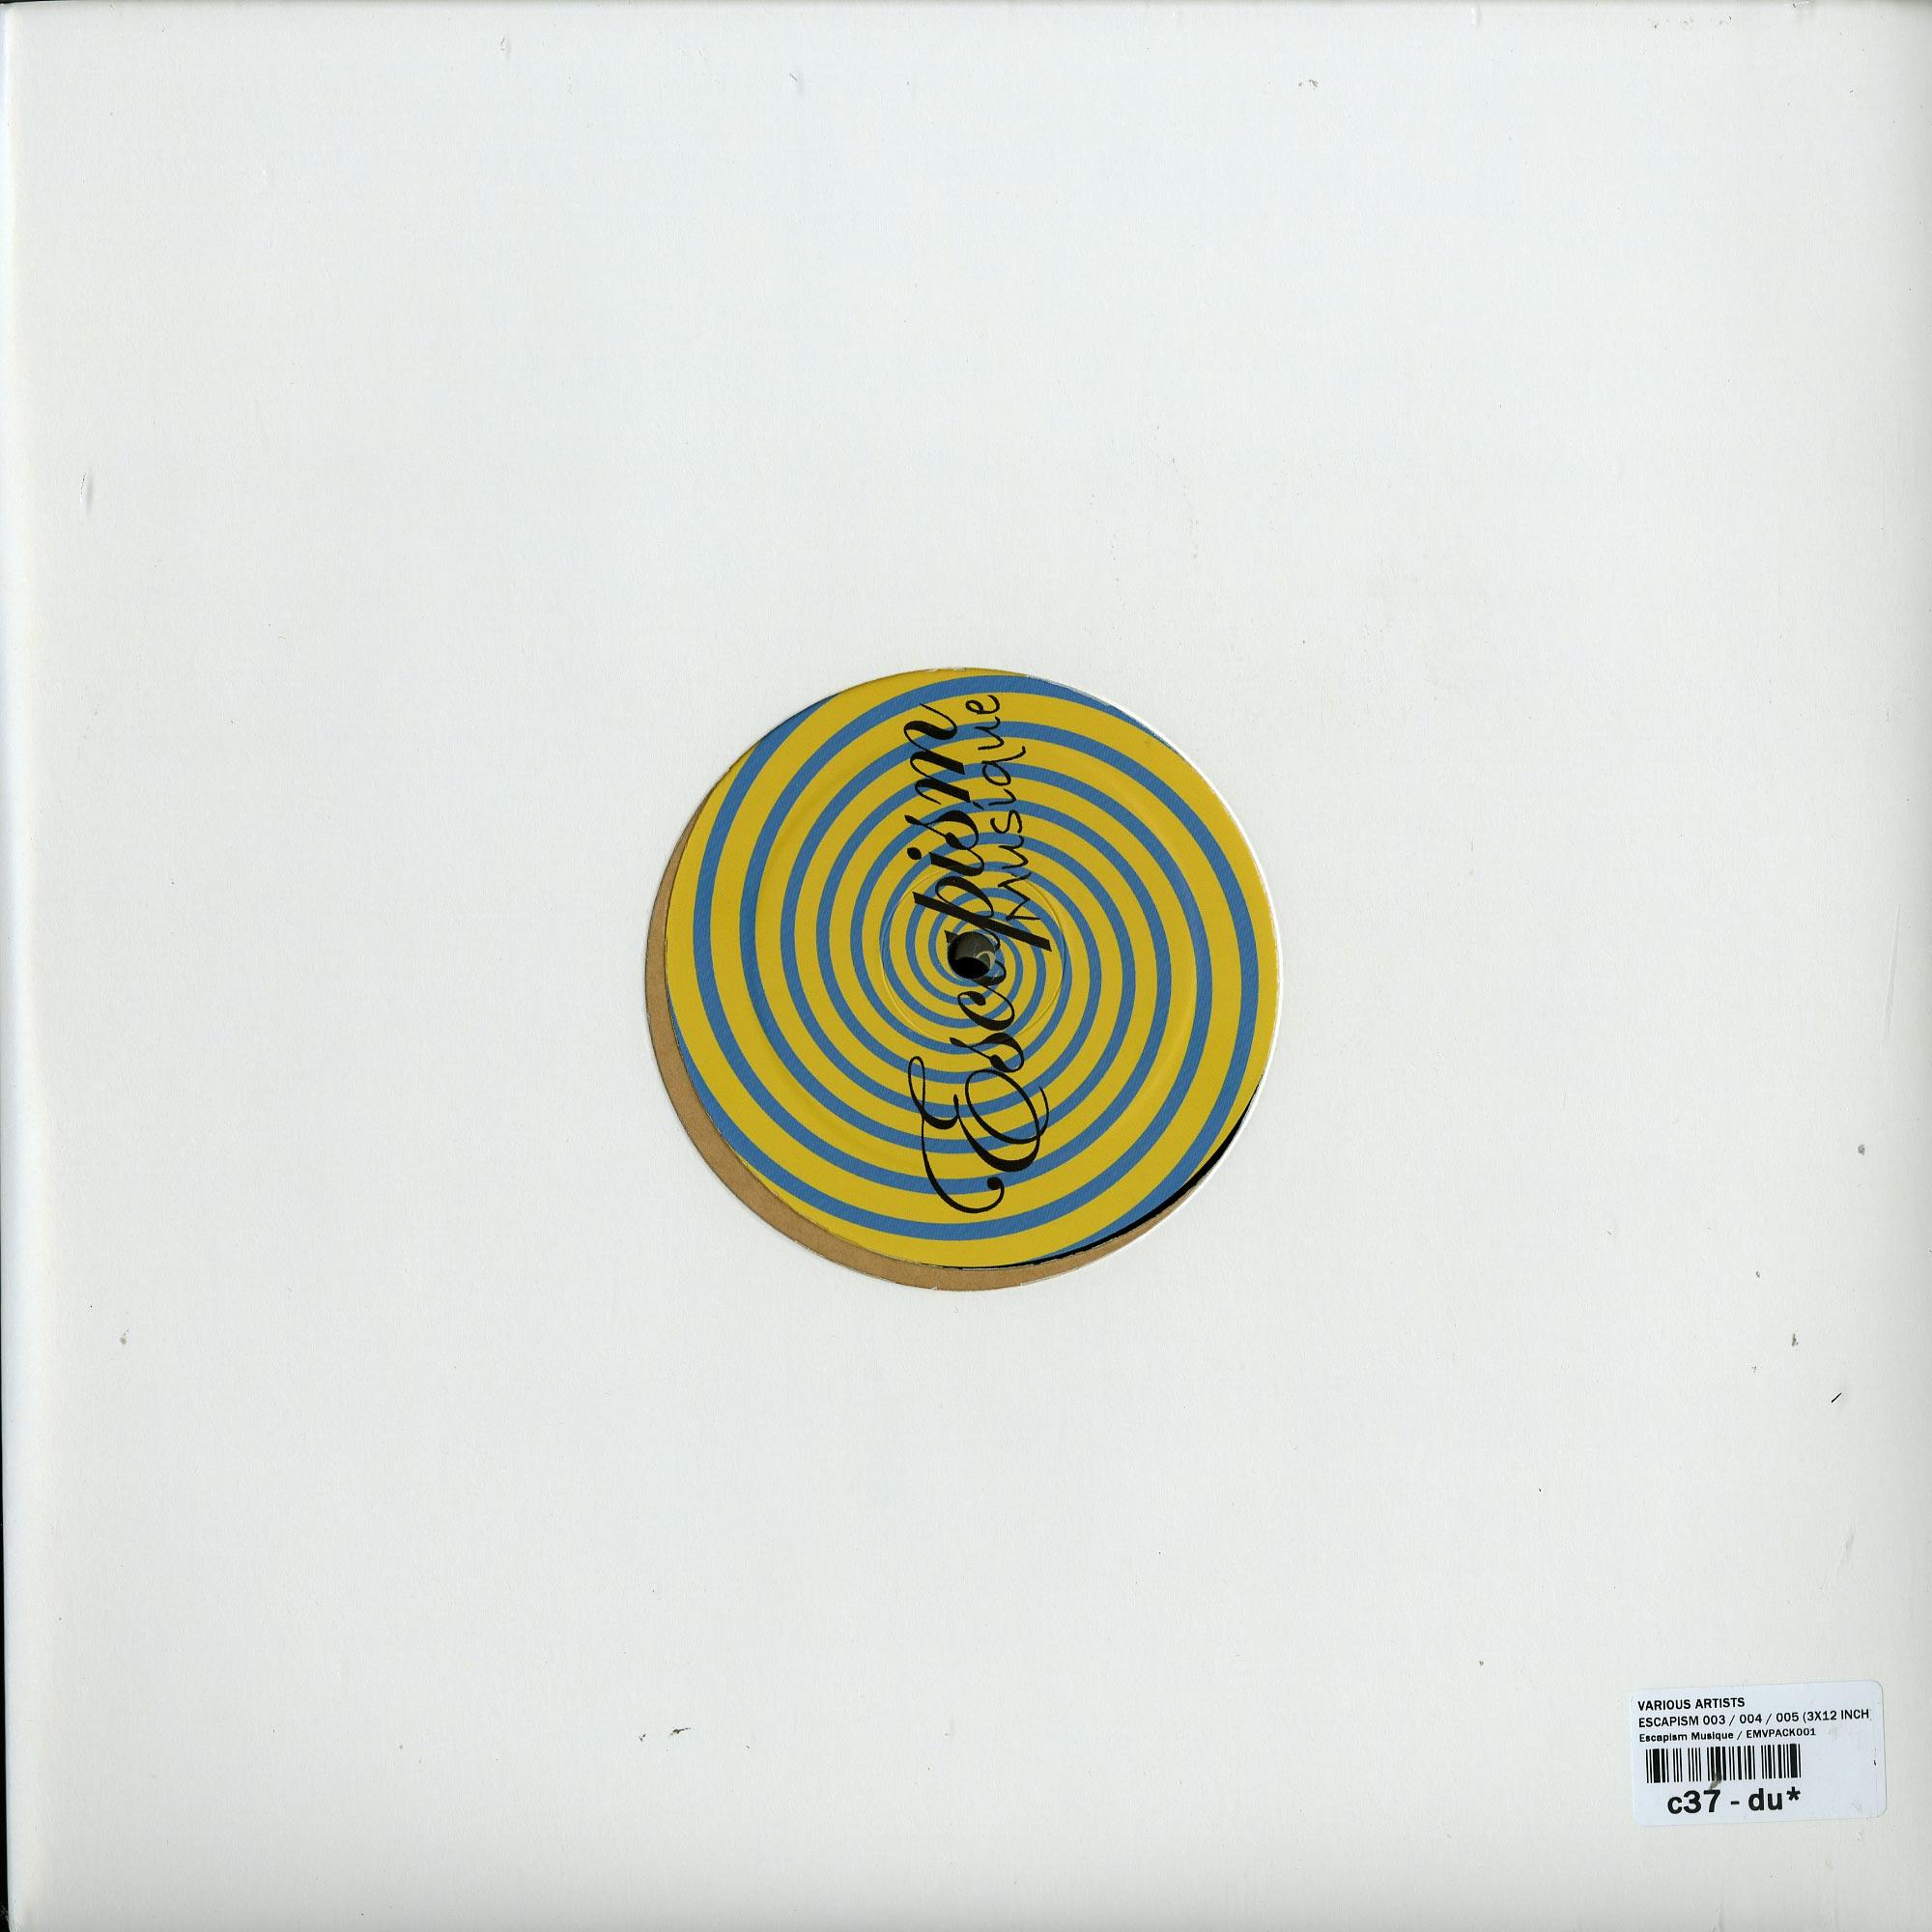 Various Artists - ESCAPISM 003 / 004 / 005